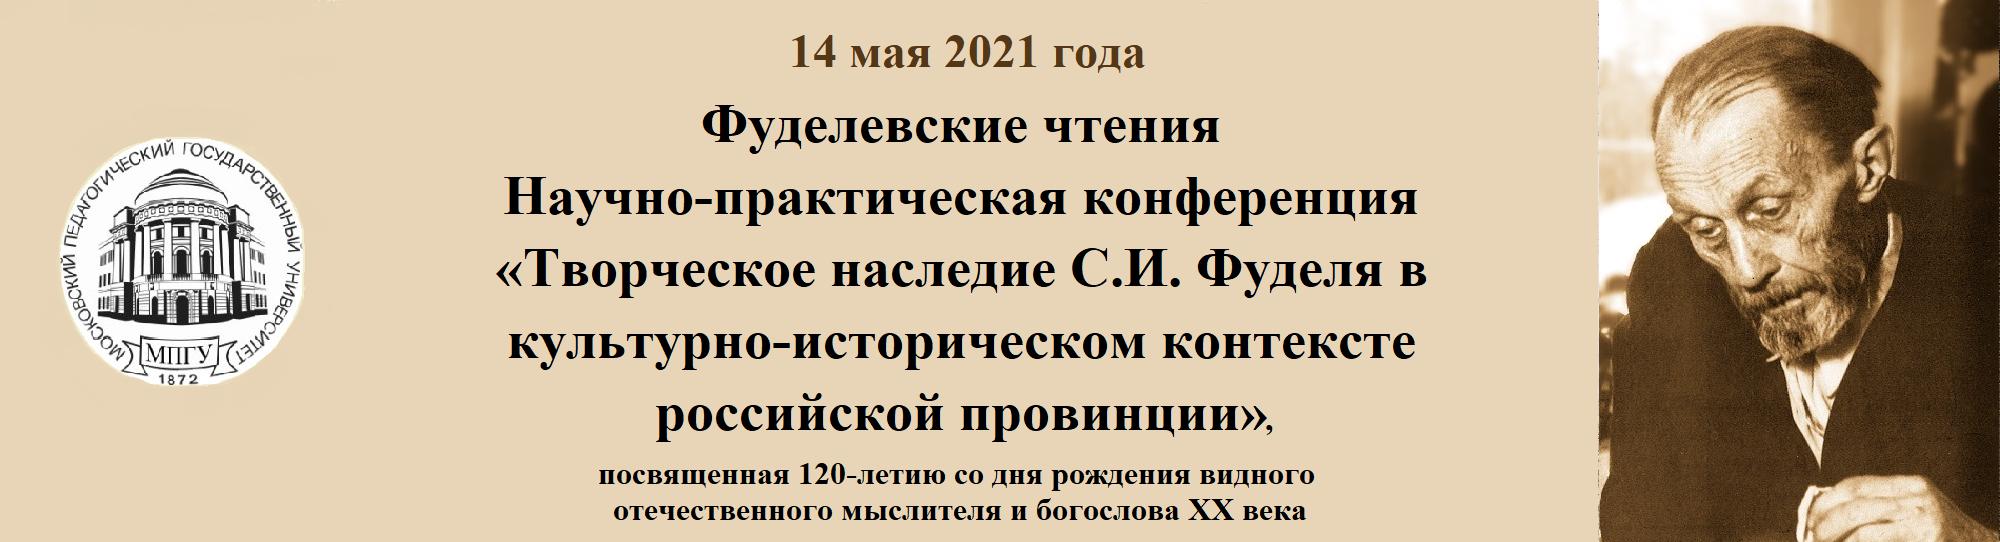 баннер2 14.05.2021 Фуделя С.И